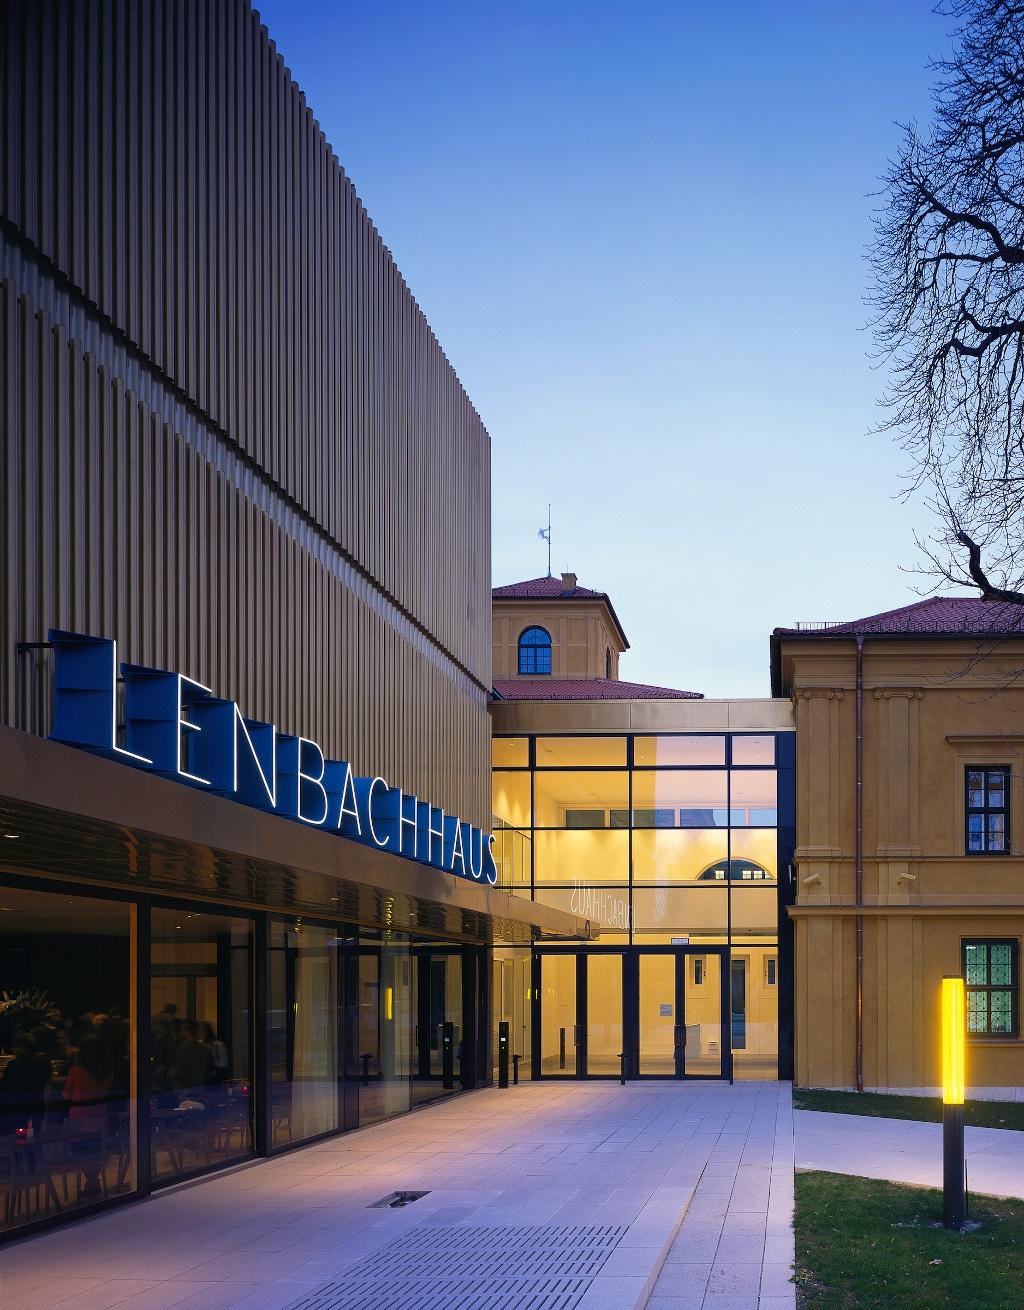 Städtische Galerie im Lenbachhaus und Kunstbau ()